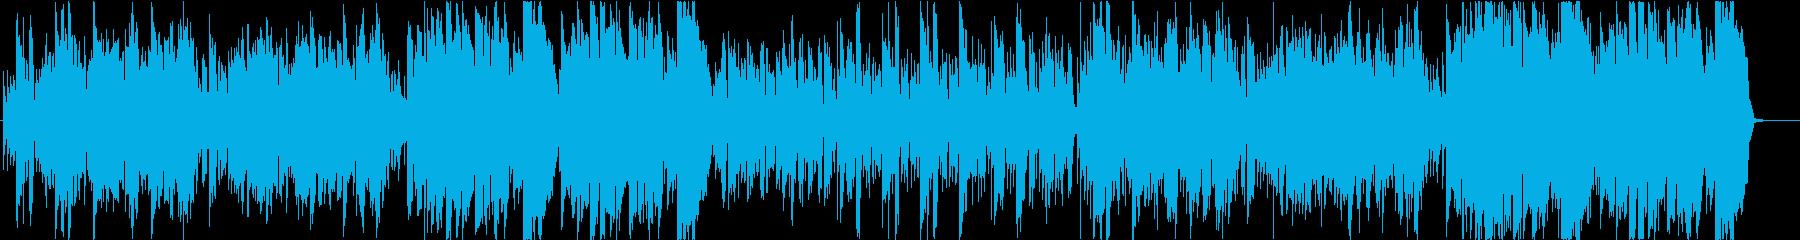 優しいフィドルとケルトの笛のスローエアの再生済みの波形